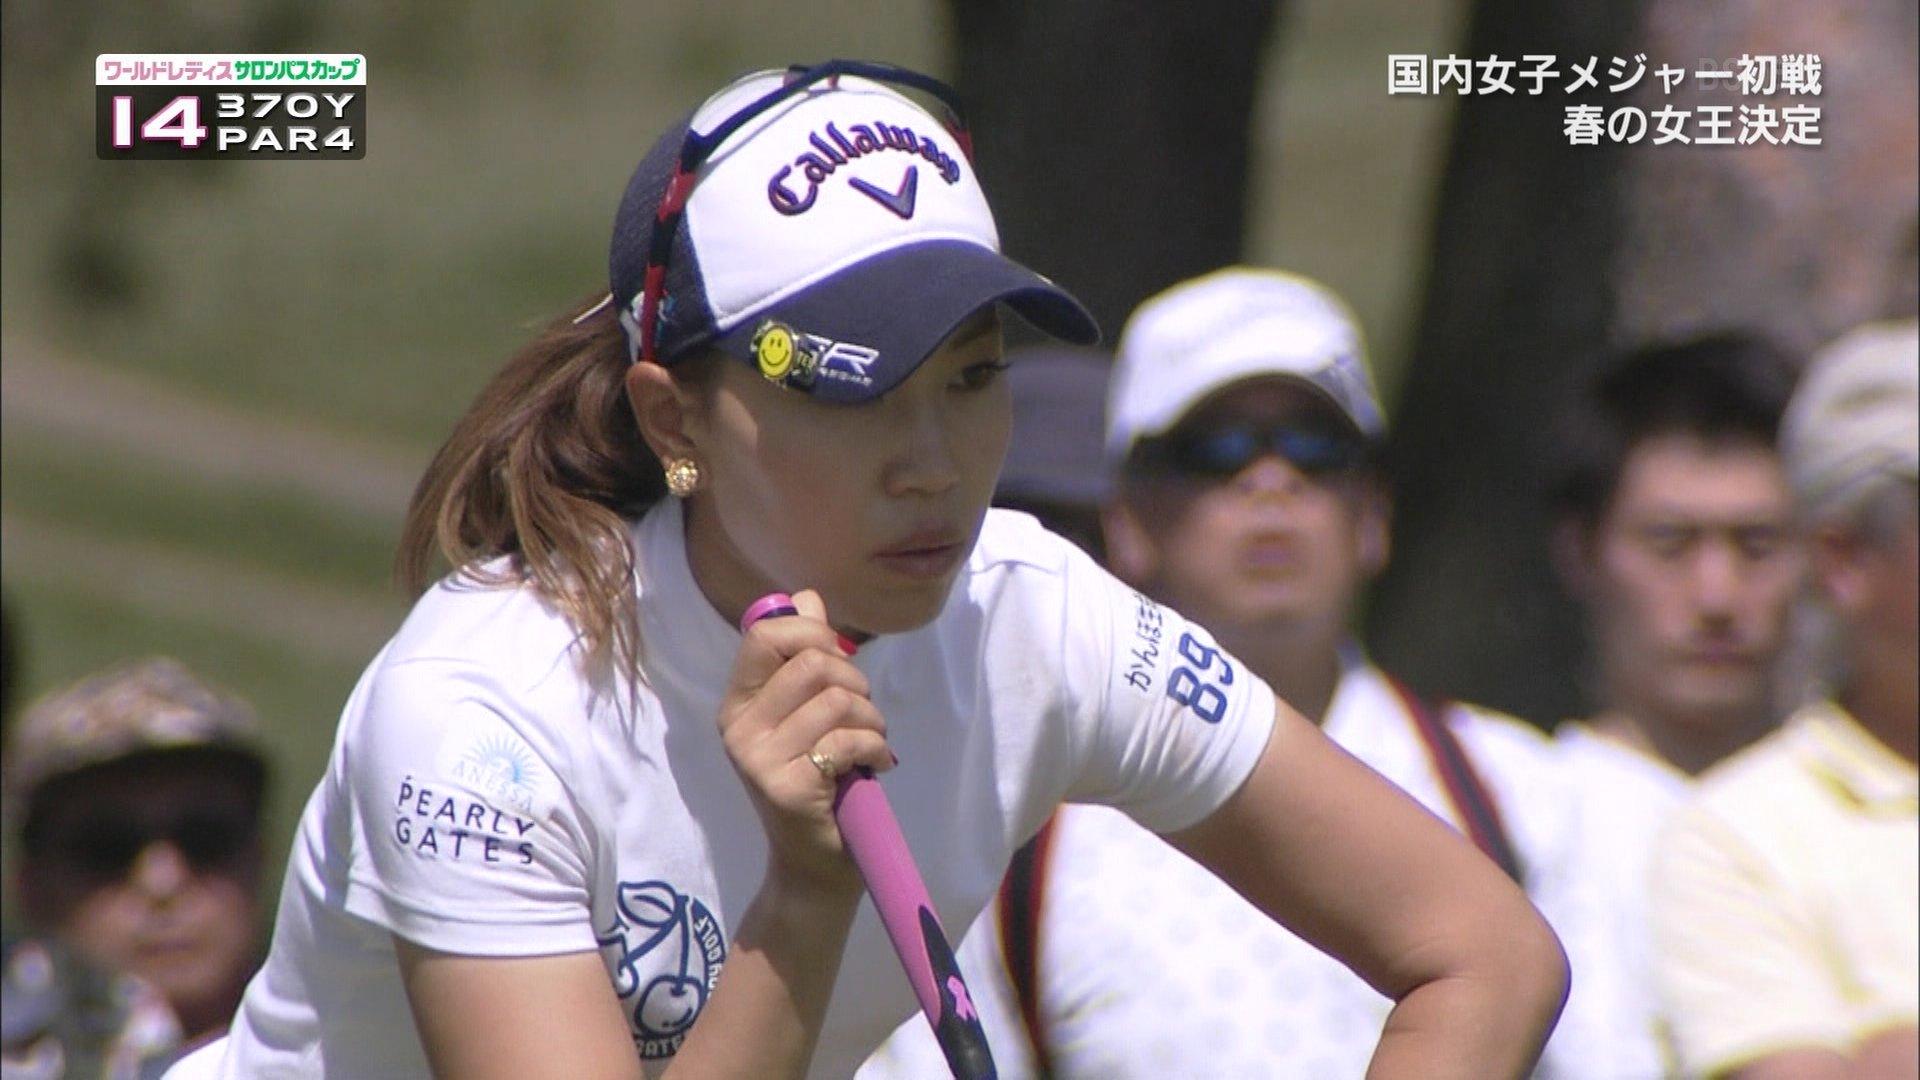 上田桃子 ワールドレディース サロンパスカップ 0019